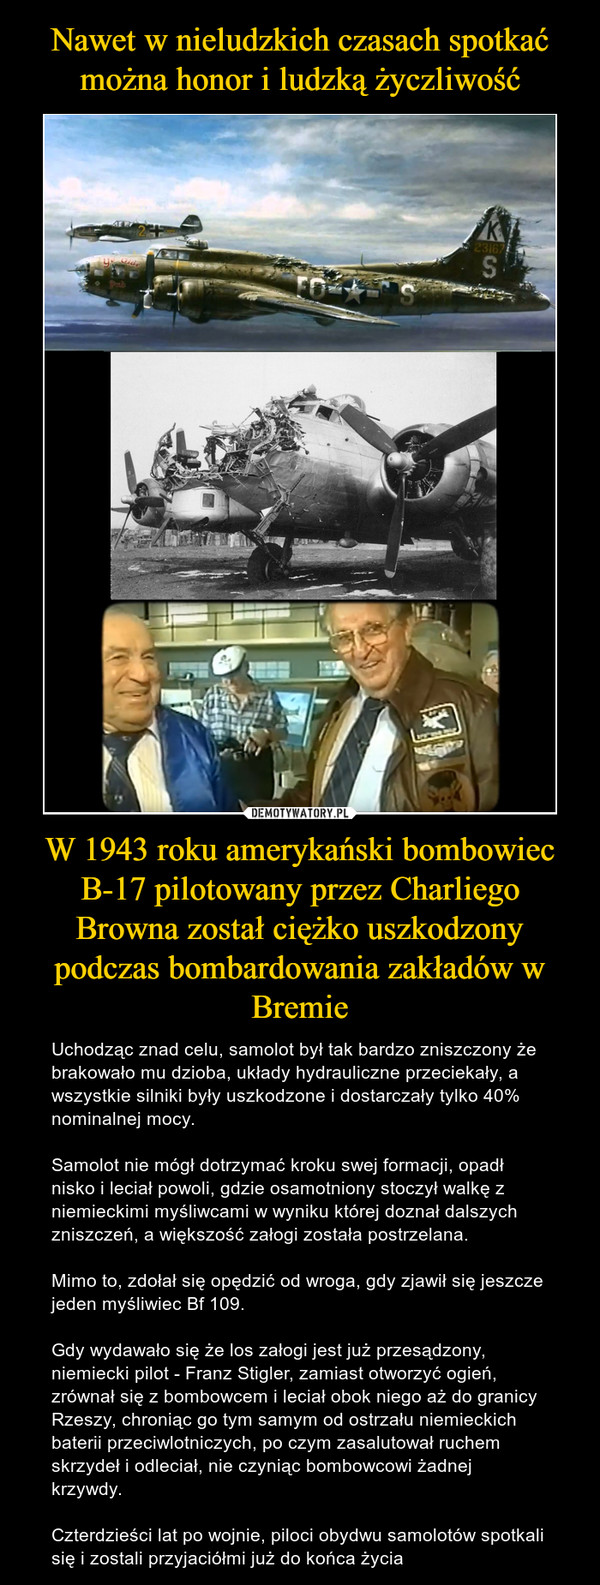 W 1943 roku amerykański bombowiec B-17 pilotowany przez Charliego Browna został ciężko uszkodzony podczas bombardowania zakładów w Bremie – Uchodząc znad celu, samolot był tak bardzo zniszczony że brakowało mu dzioba, układy hydrauliczne przeciekały, a wszystkie silniki były uszkodzone i dostarczały tylko 40% nominalnej mocy. Samolot nie mógł dotrzymać kroku swej formacji, opadł nisko i leciał powoli, gdzie osamotniony stoczył walkę z niemieckimi myśliwcami w wyniku której doznał dalszych zniszczeń, a większość załogi została postrzelana. Mimo to, zdołał się opędzić od wroga, gdy zjawił się jeszcze jeden myśliwiec Bf 109. Gdy wydawało się że los załogi jest już przesądzony, niemiecki pilot - Franz Stigler, zamiast otworzyć ogień, zrównał się z bombowcem i leciał obok niego aż do granicy Rzeszy, chroniąc go tym samym od ostrzału niemieckich baterii przeciwlotniczych, po czym zasalutował ruchem skrzydeł i odleciał, nie czyniąc bombowcowi żadnej krzywdy.Czterdzieści lat po wojnie, piloci obydwu samolotów spotkali się i zostali przyjaciółmi już do końca życia